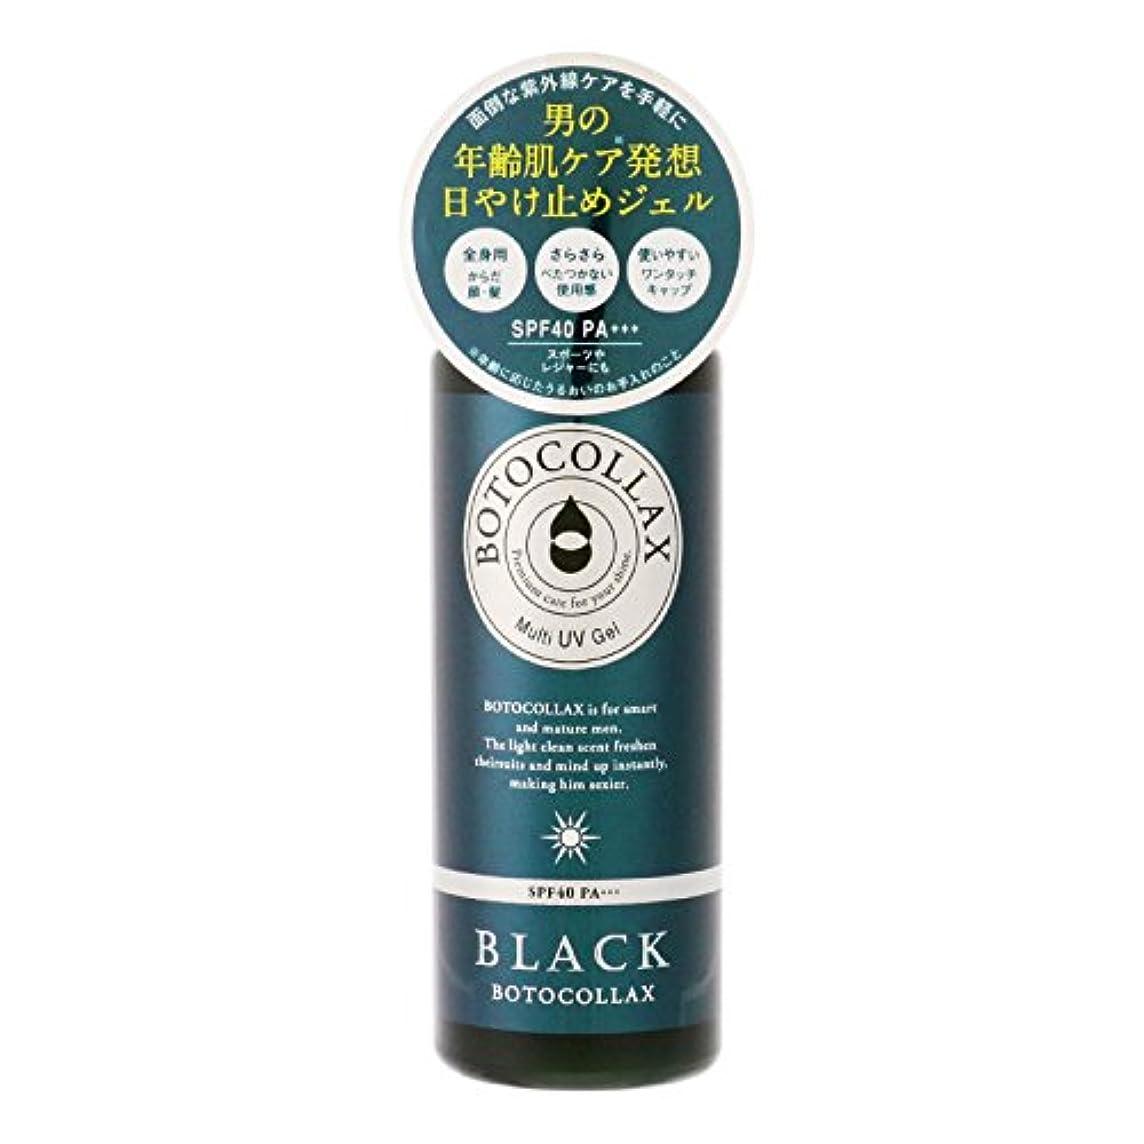 器具受け継ぐ旋回ボトコラックスブラック オーシャン マルチUVジェル ベルガモットグリーンの香り 70g